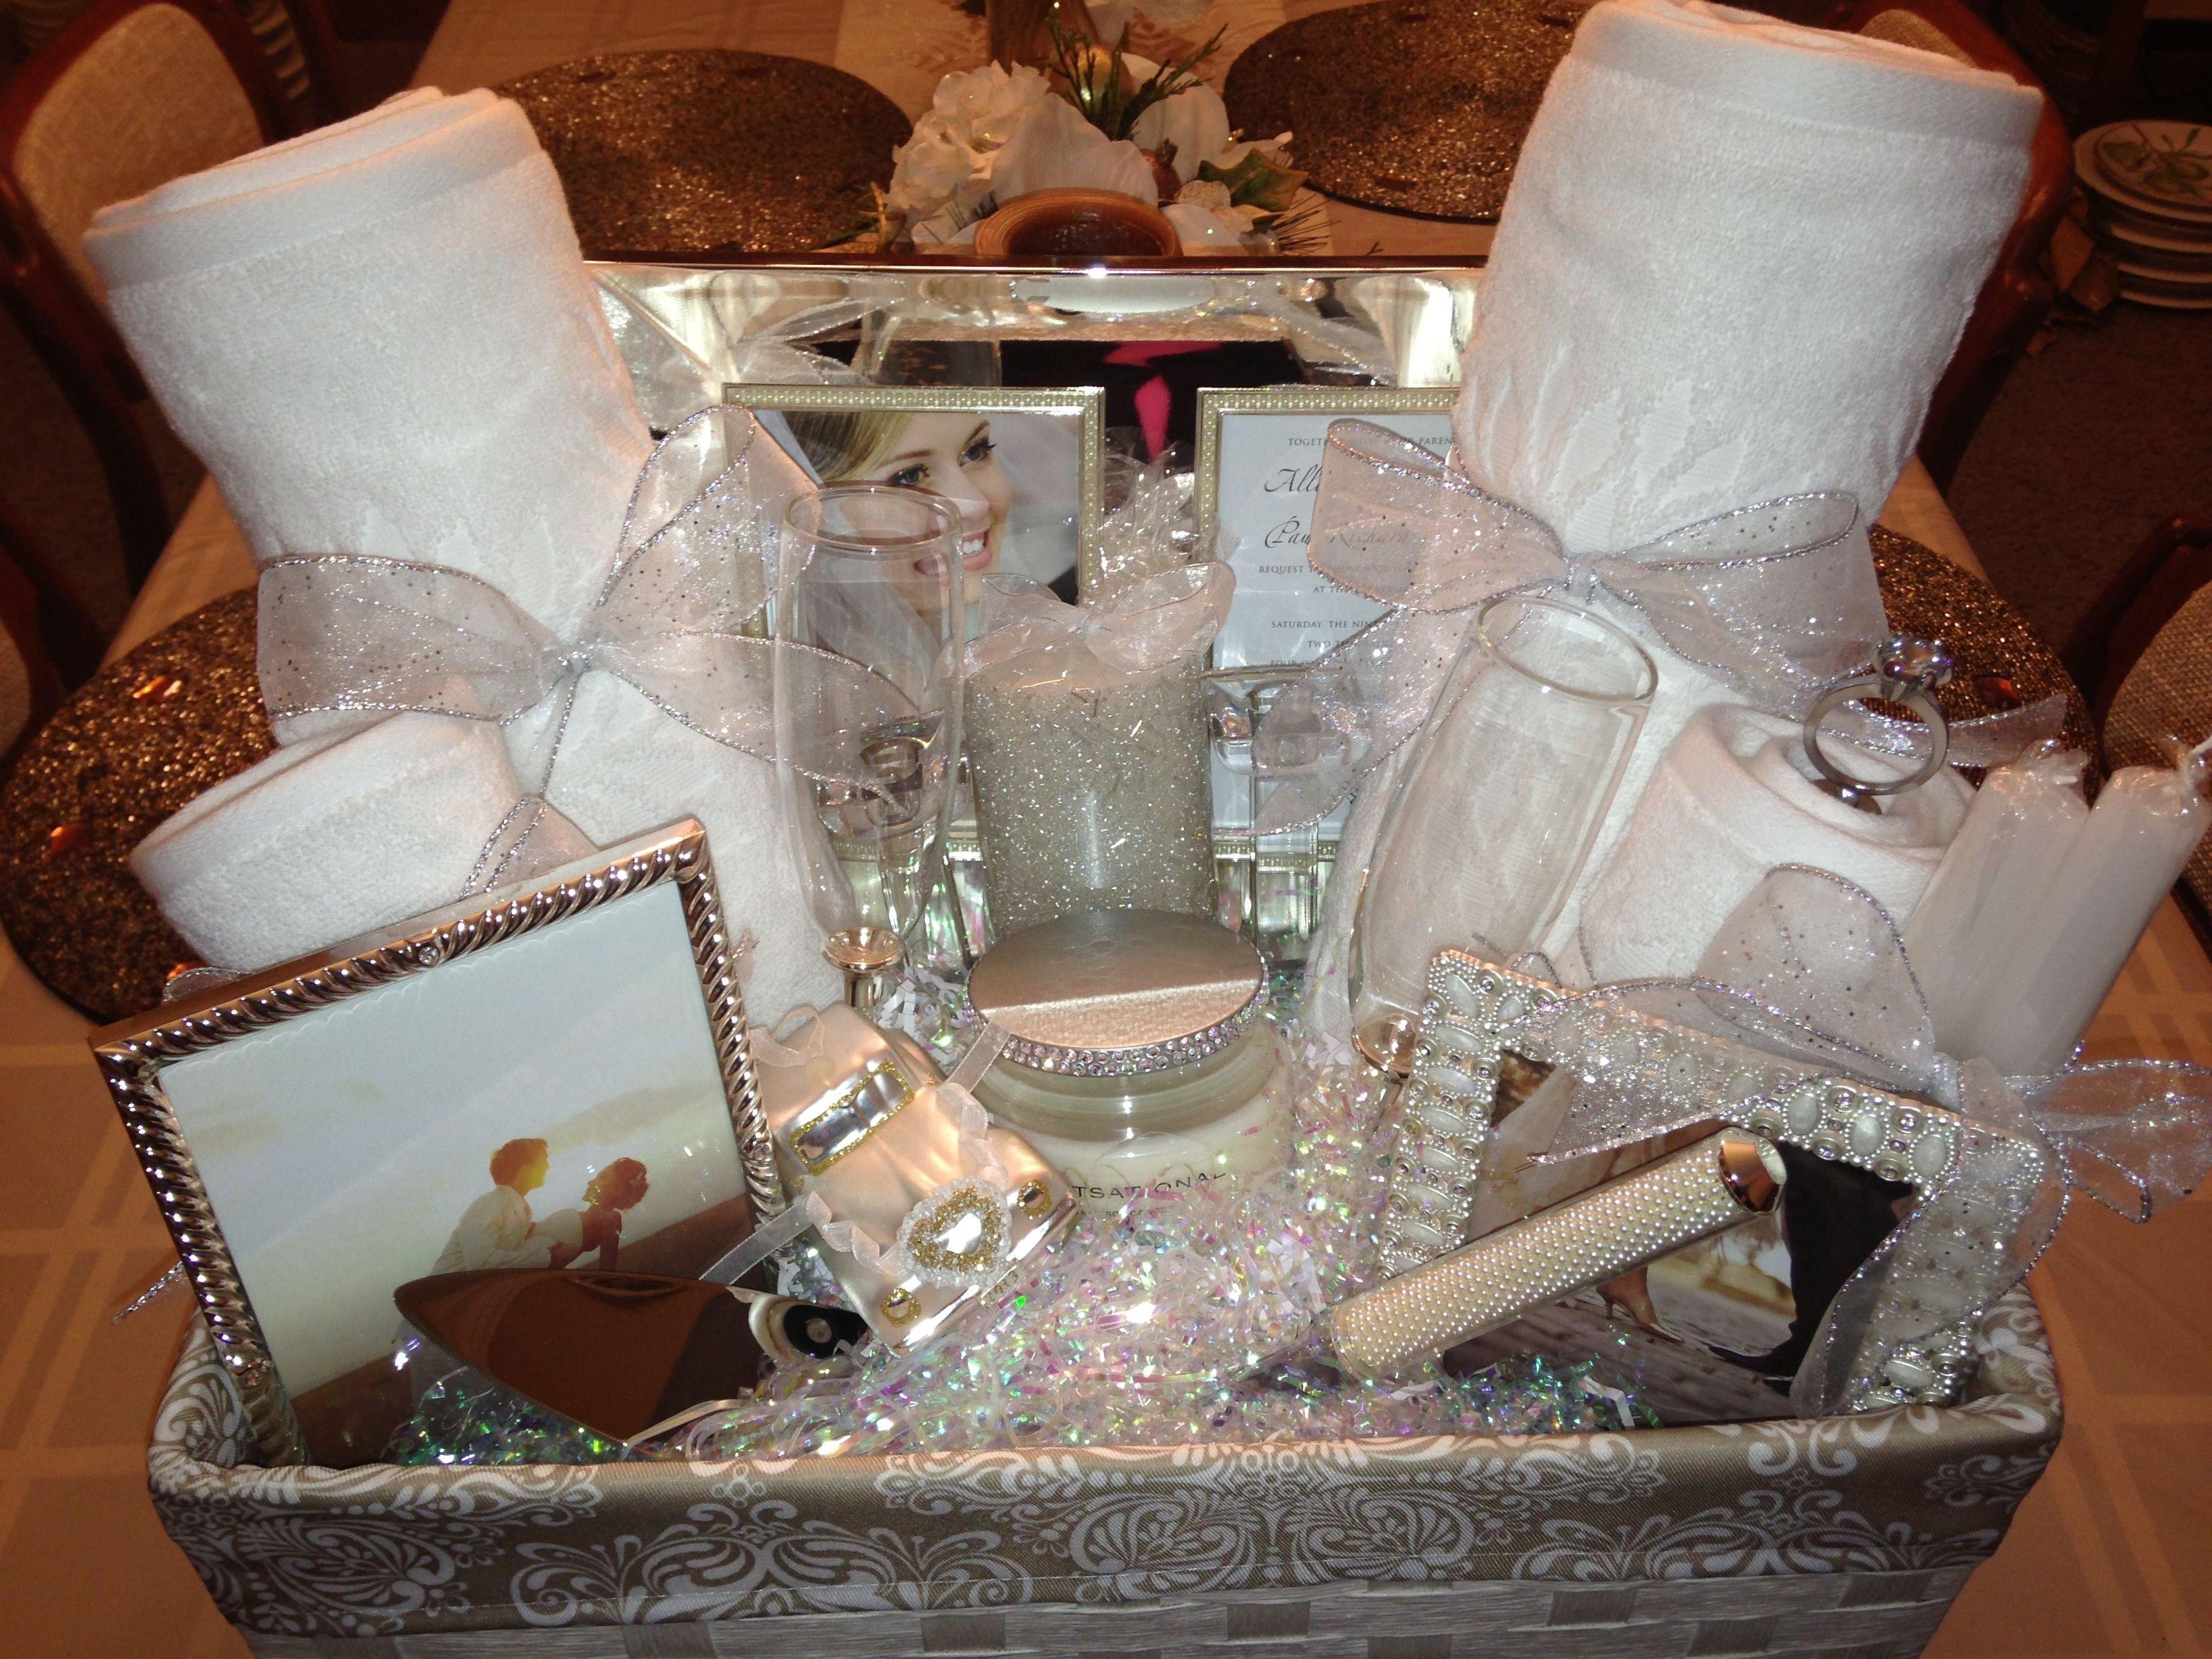 10 ideal bridal shower gift basket ideas bridal shower gift basket ideas ideasthatsparkle on how to